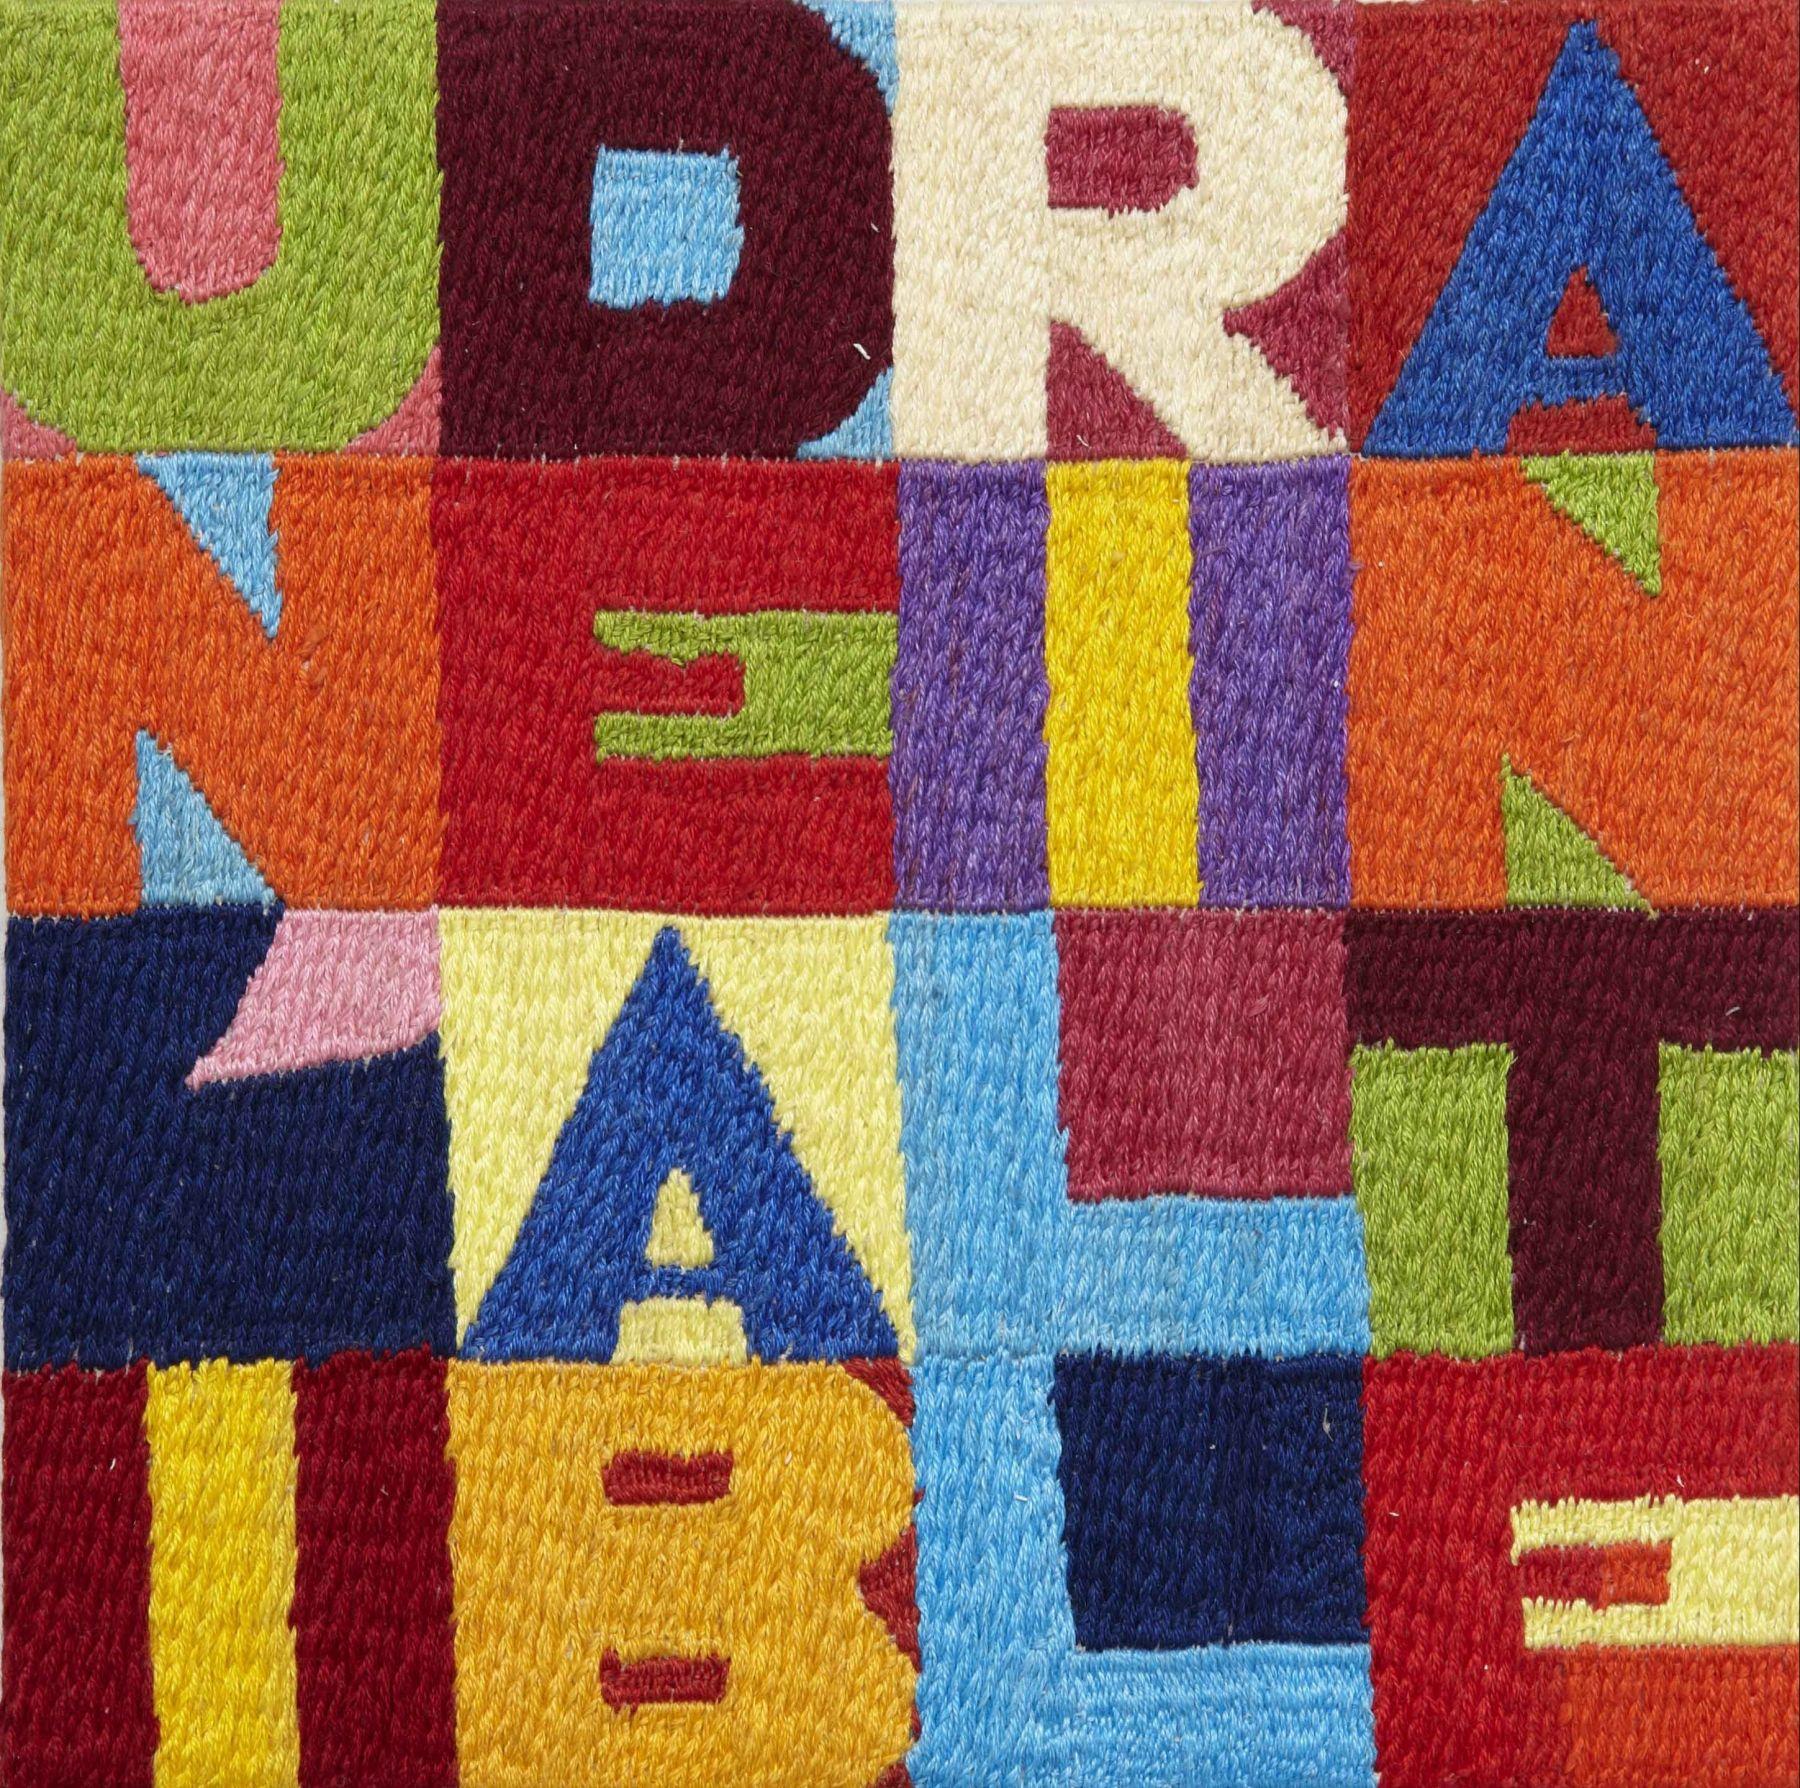 Un'idea Brillante, 1992, Embroidery on linen